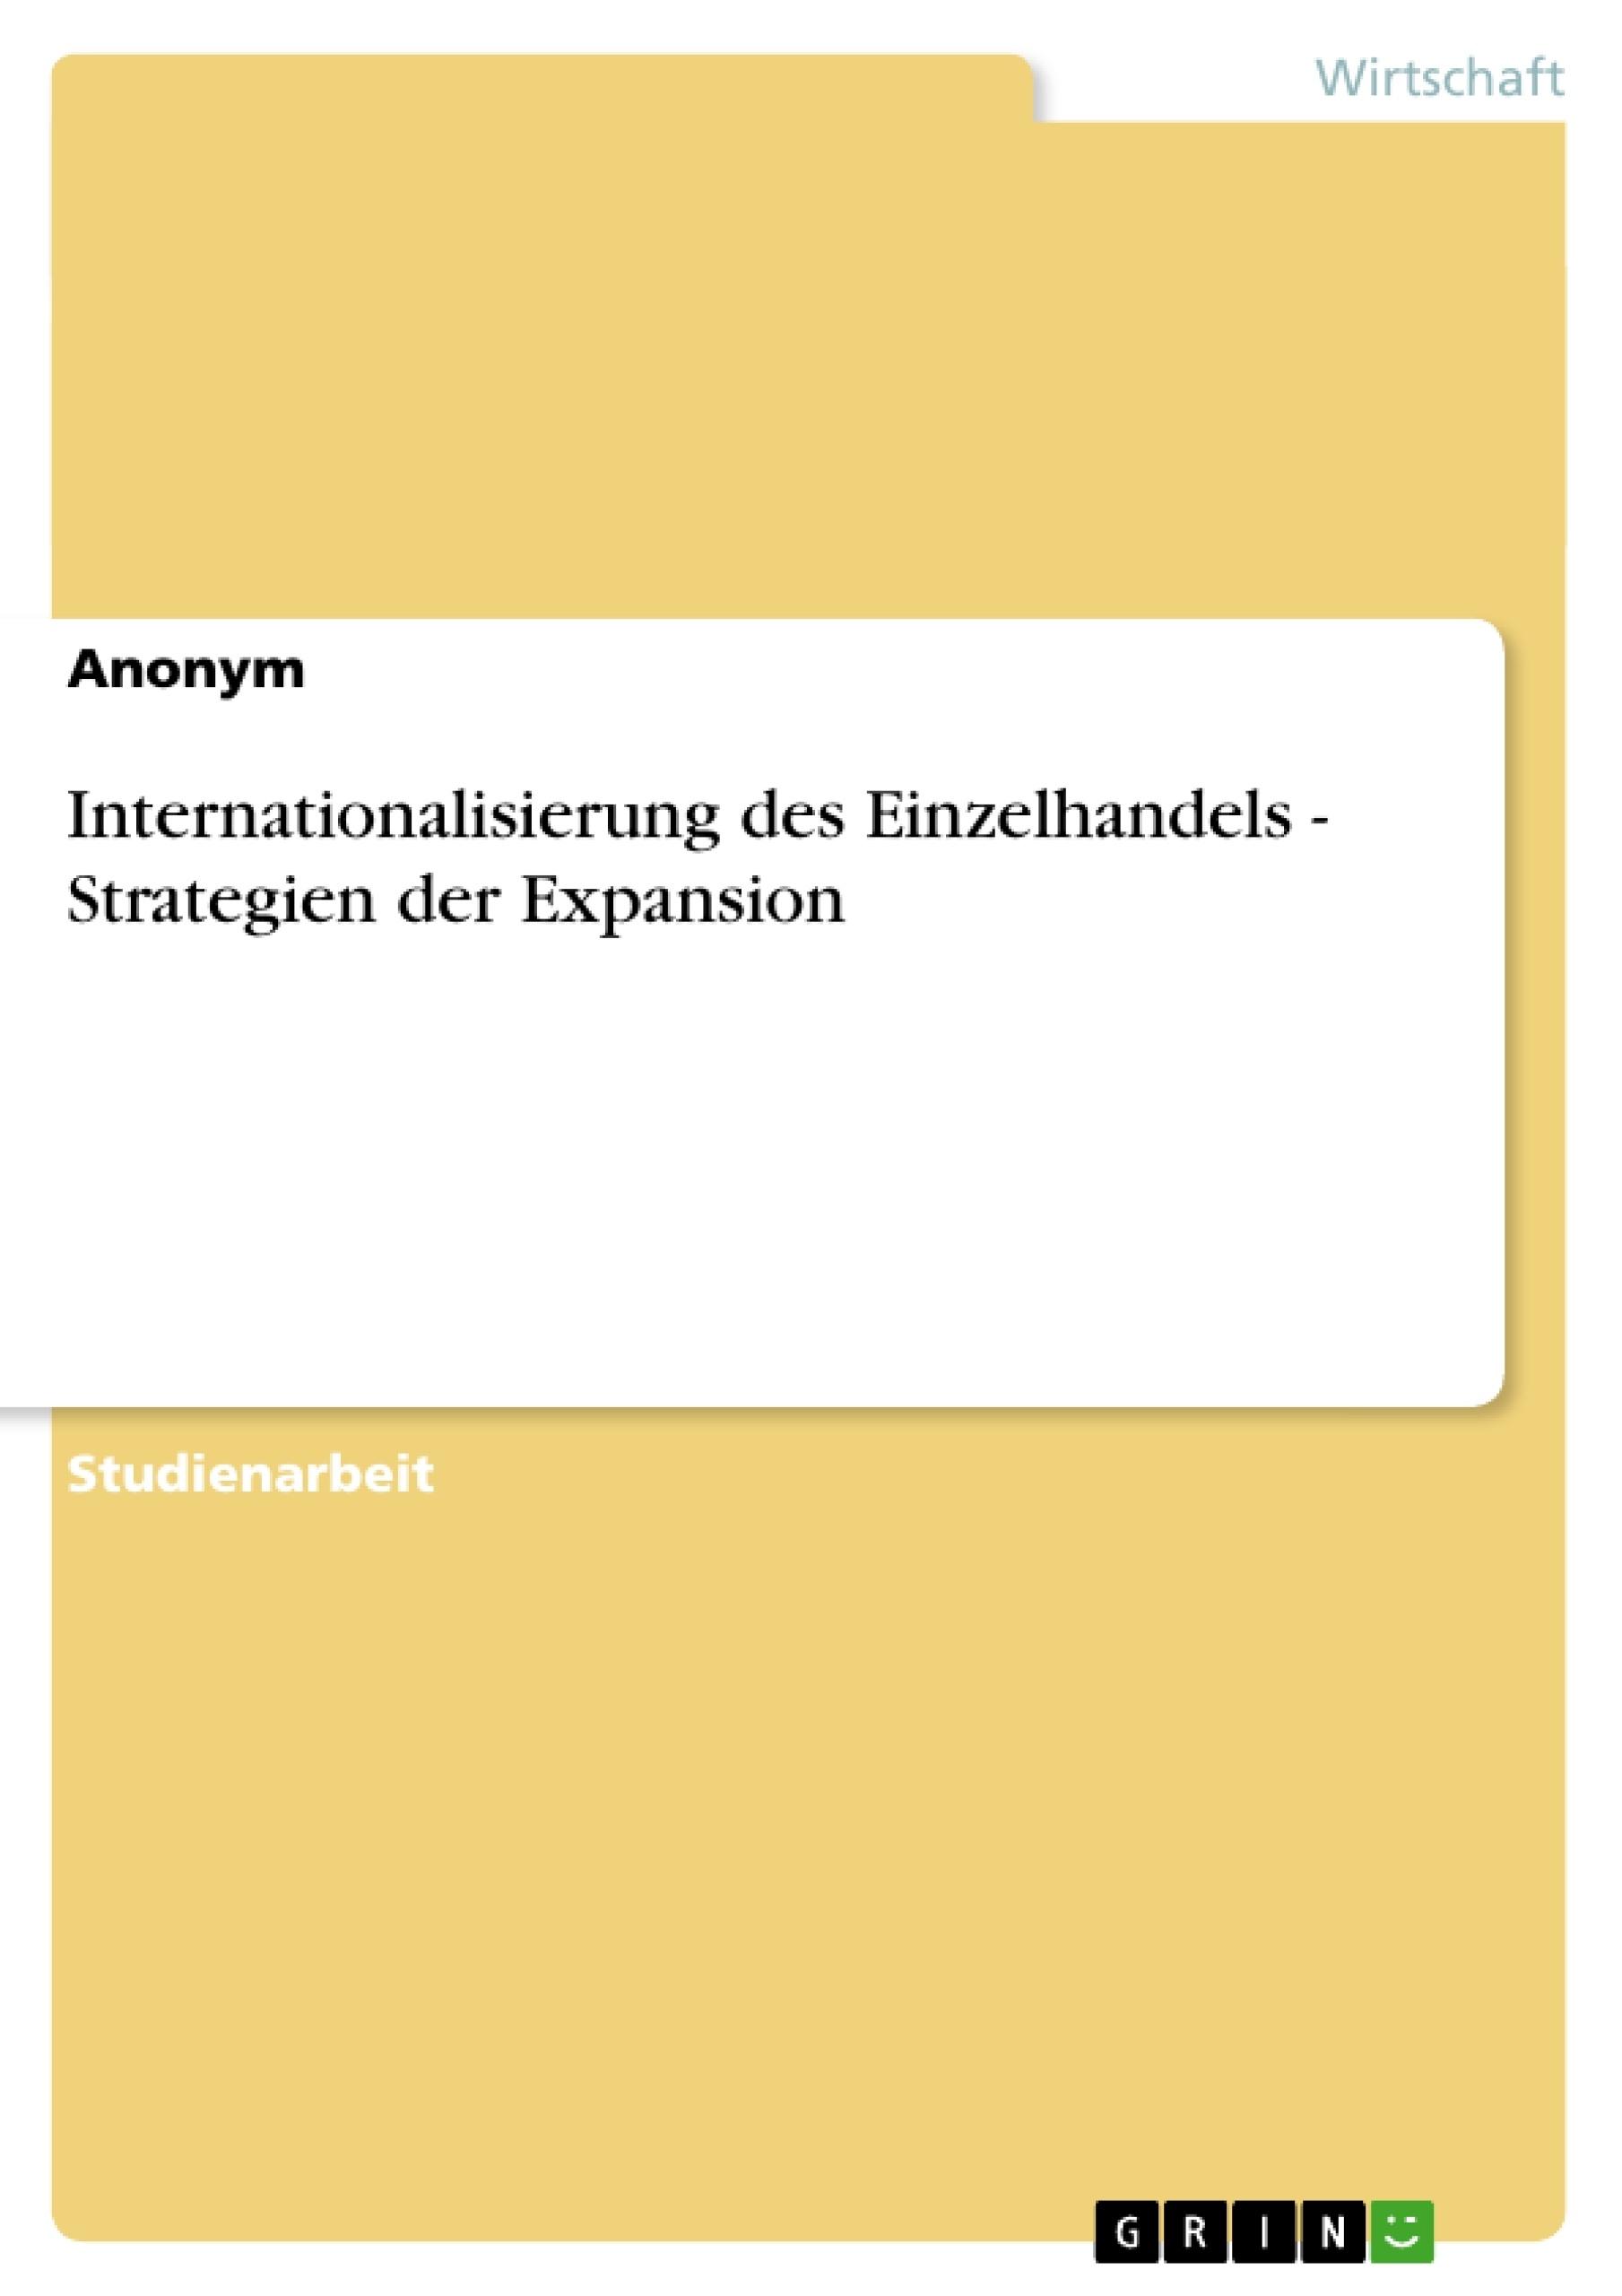 Titel: Internationalisierung des Einzelhandels - Strategien der Expansion